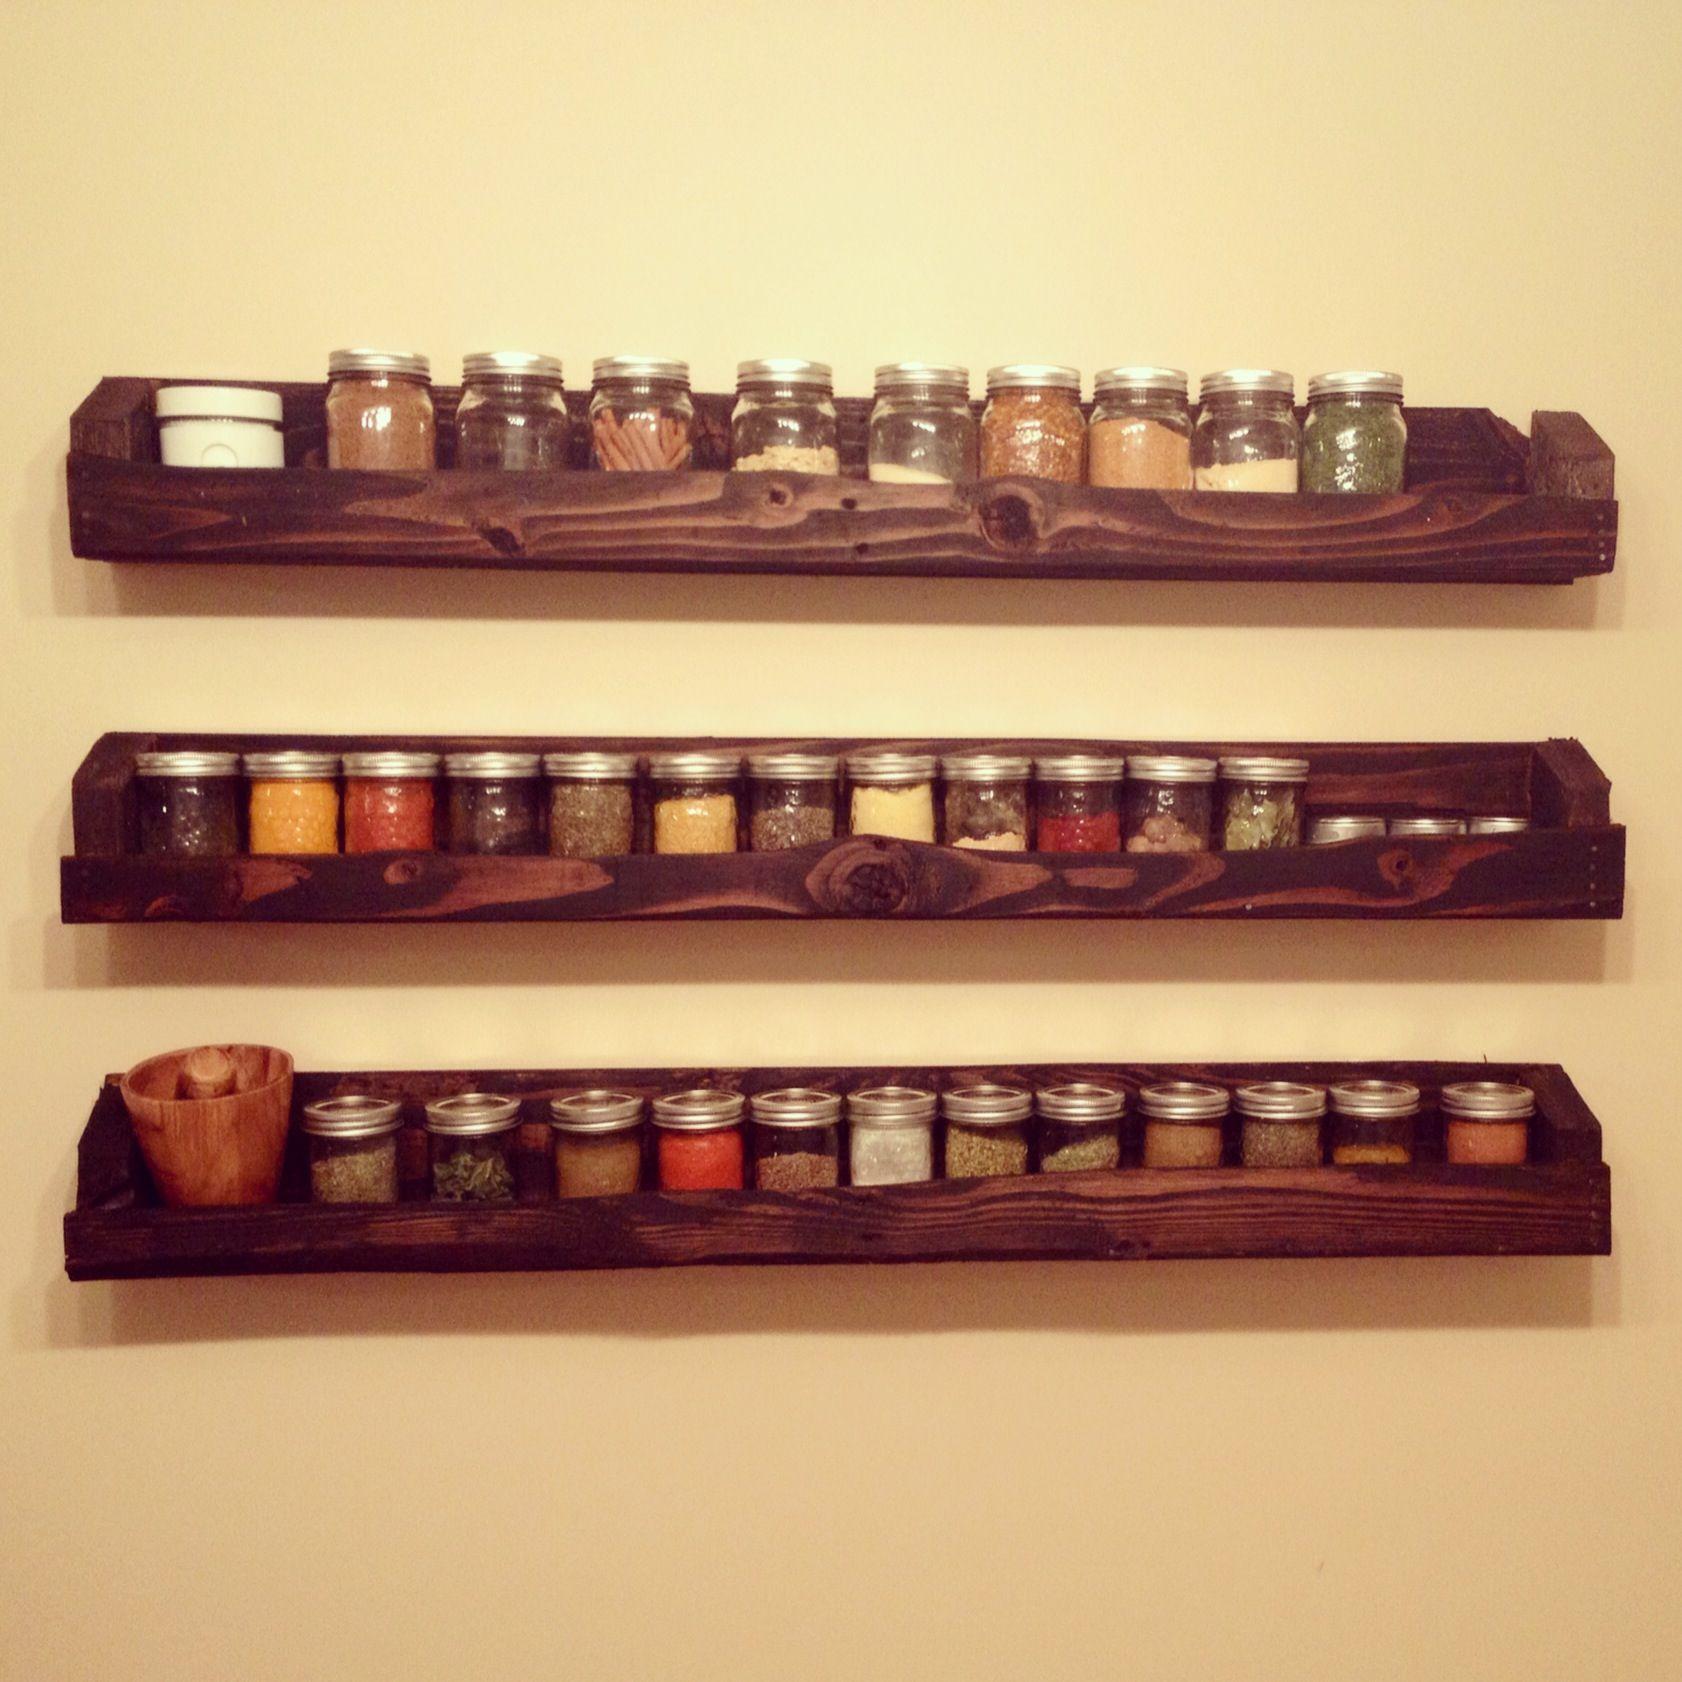 Pallet And Mason Jar Spice Rack Tapas De Frascos Estanterias De Jardin Proyectos Con Pales